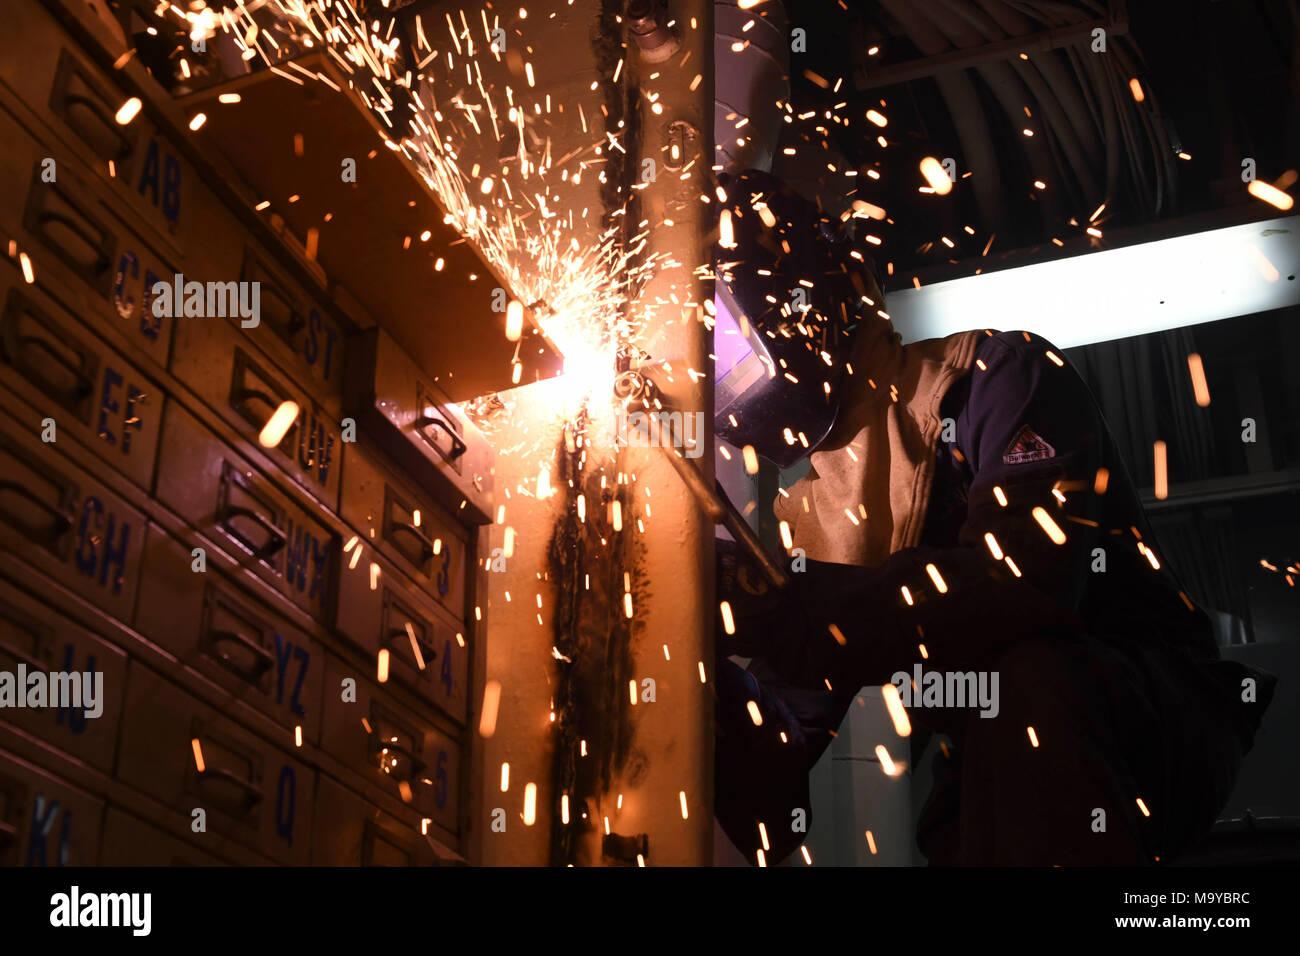 180326-N-RY670-002 OCÉANO PACÍFICO (26 de marzo, 2018) Casco técnico de mantenimiento 3ª Zachary C. Yenco utiliza un cortador por plasma para cortar el marco de una puerta en la clase de avispa buque de asalto anfibio USS Essex (LHD 2) durante un escuadrón anfibio y unidad expedicionaria de los infantes de marina (MEU) integración (PMINT) Ejercicio. Es un entrenamiento PMINT evolución entre Essex Amphibious Ready Group y 13ª MEU, que permite que los Infantes de Marina y soldados para entrenar como una unidad cohesiva, en preparación para su próximo despliegue. (Ee.Uu. Navy photo by Mass Communication Specialist Marinero Jacob Owen/liberado) Foto de stock